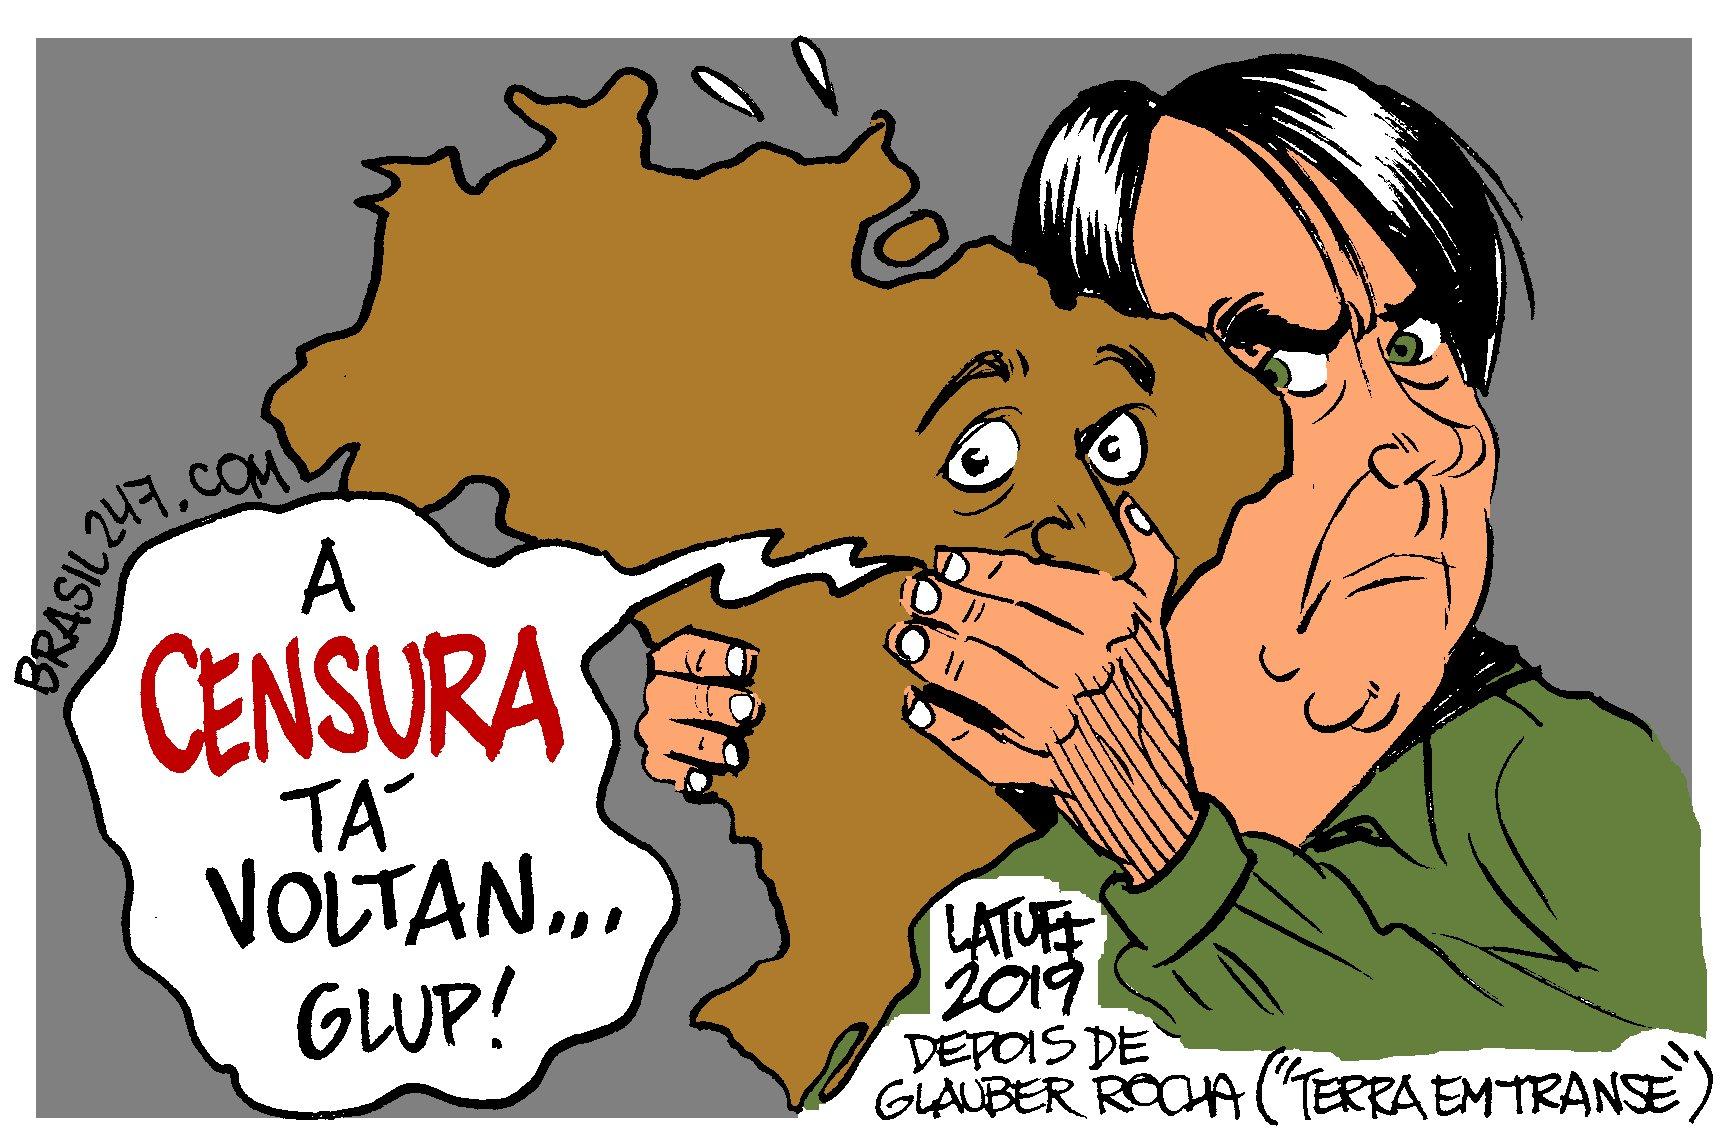 Imagem do Dia: Latuff – A censura está voltando